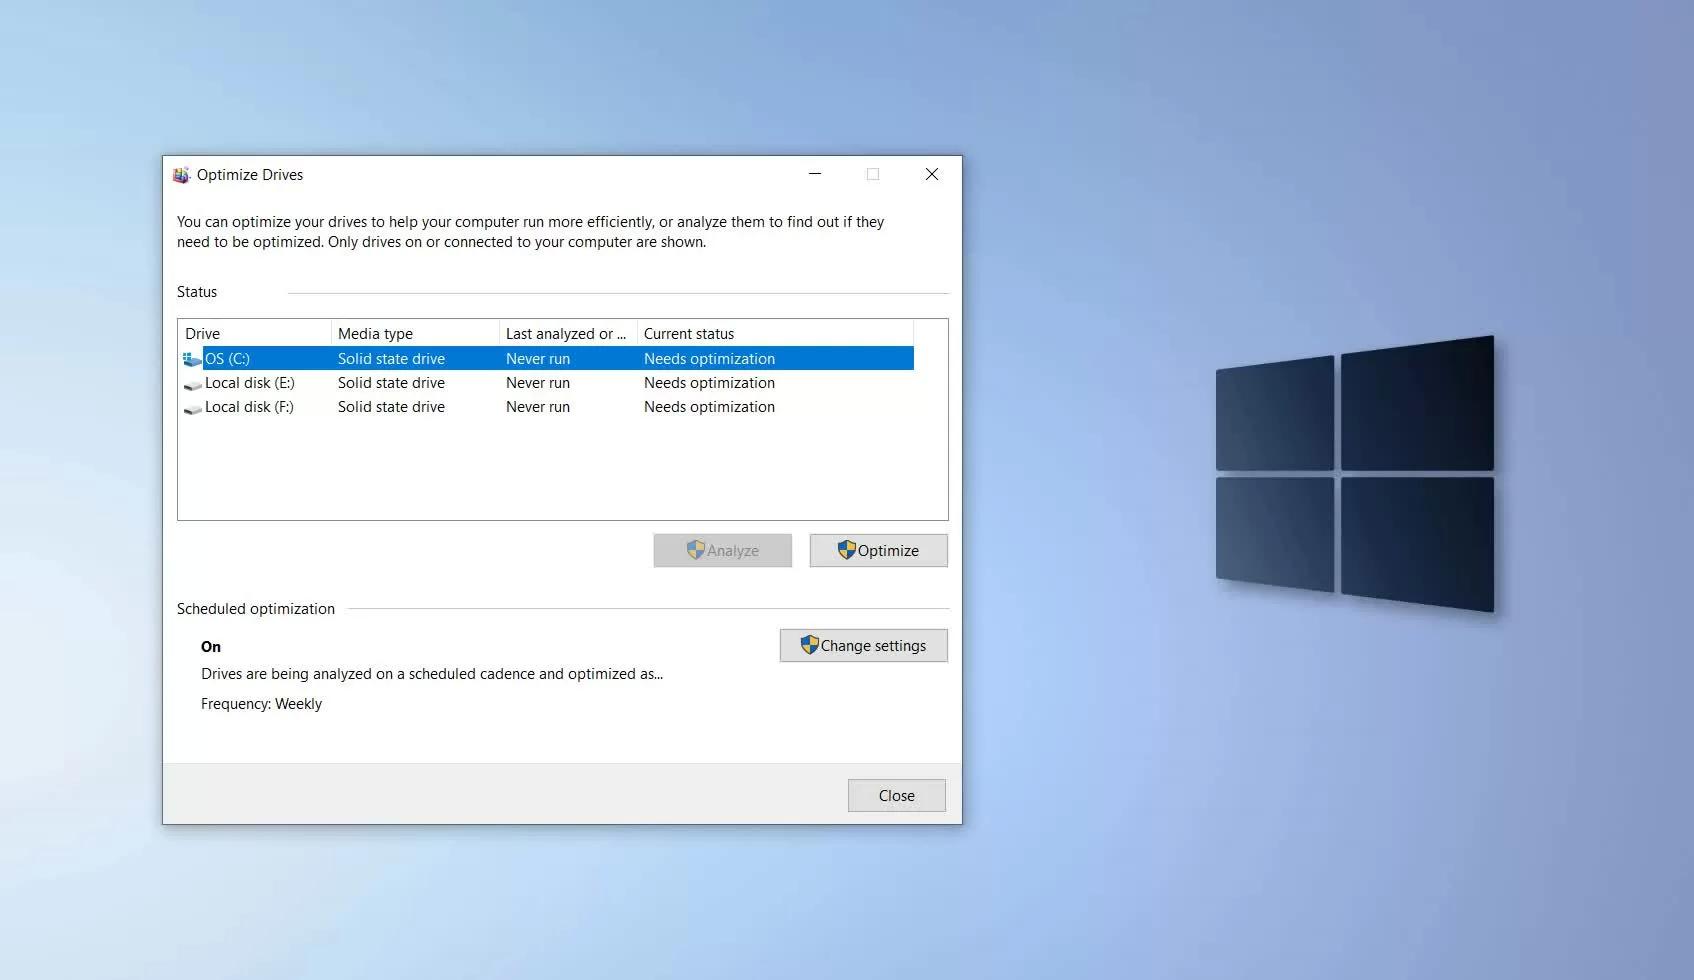 微软正在准备修复一个影响SSD寿命的Win10错误的照片